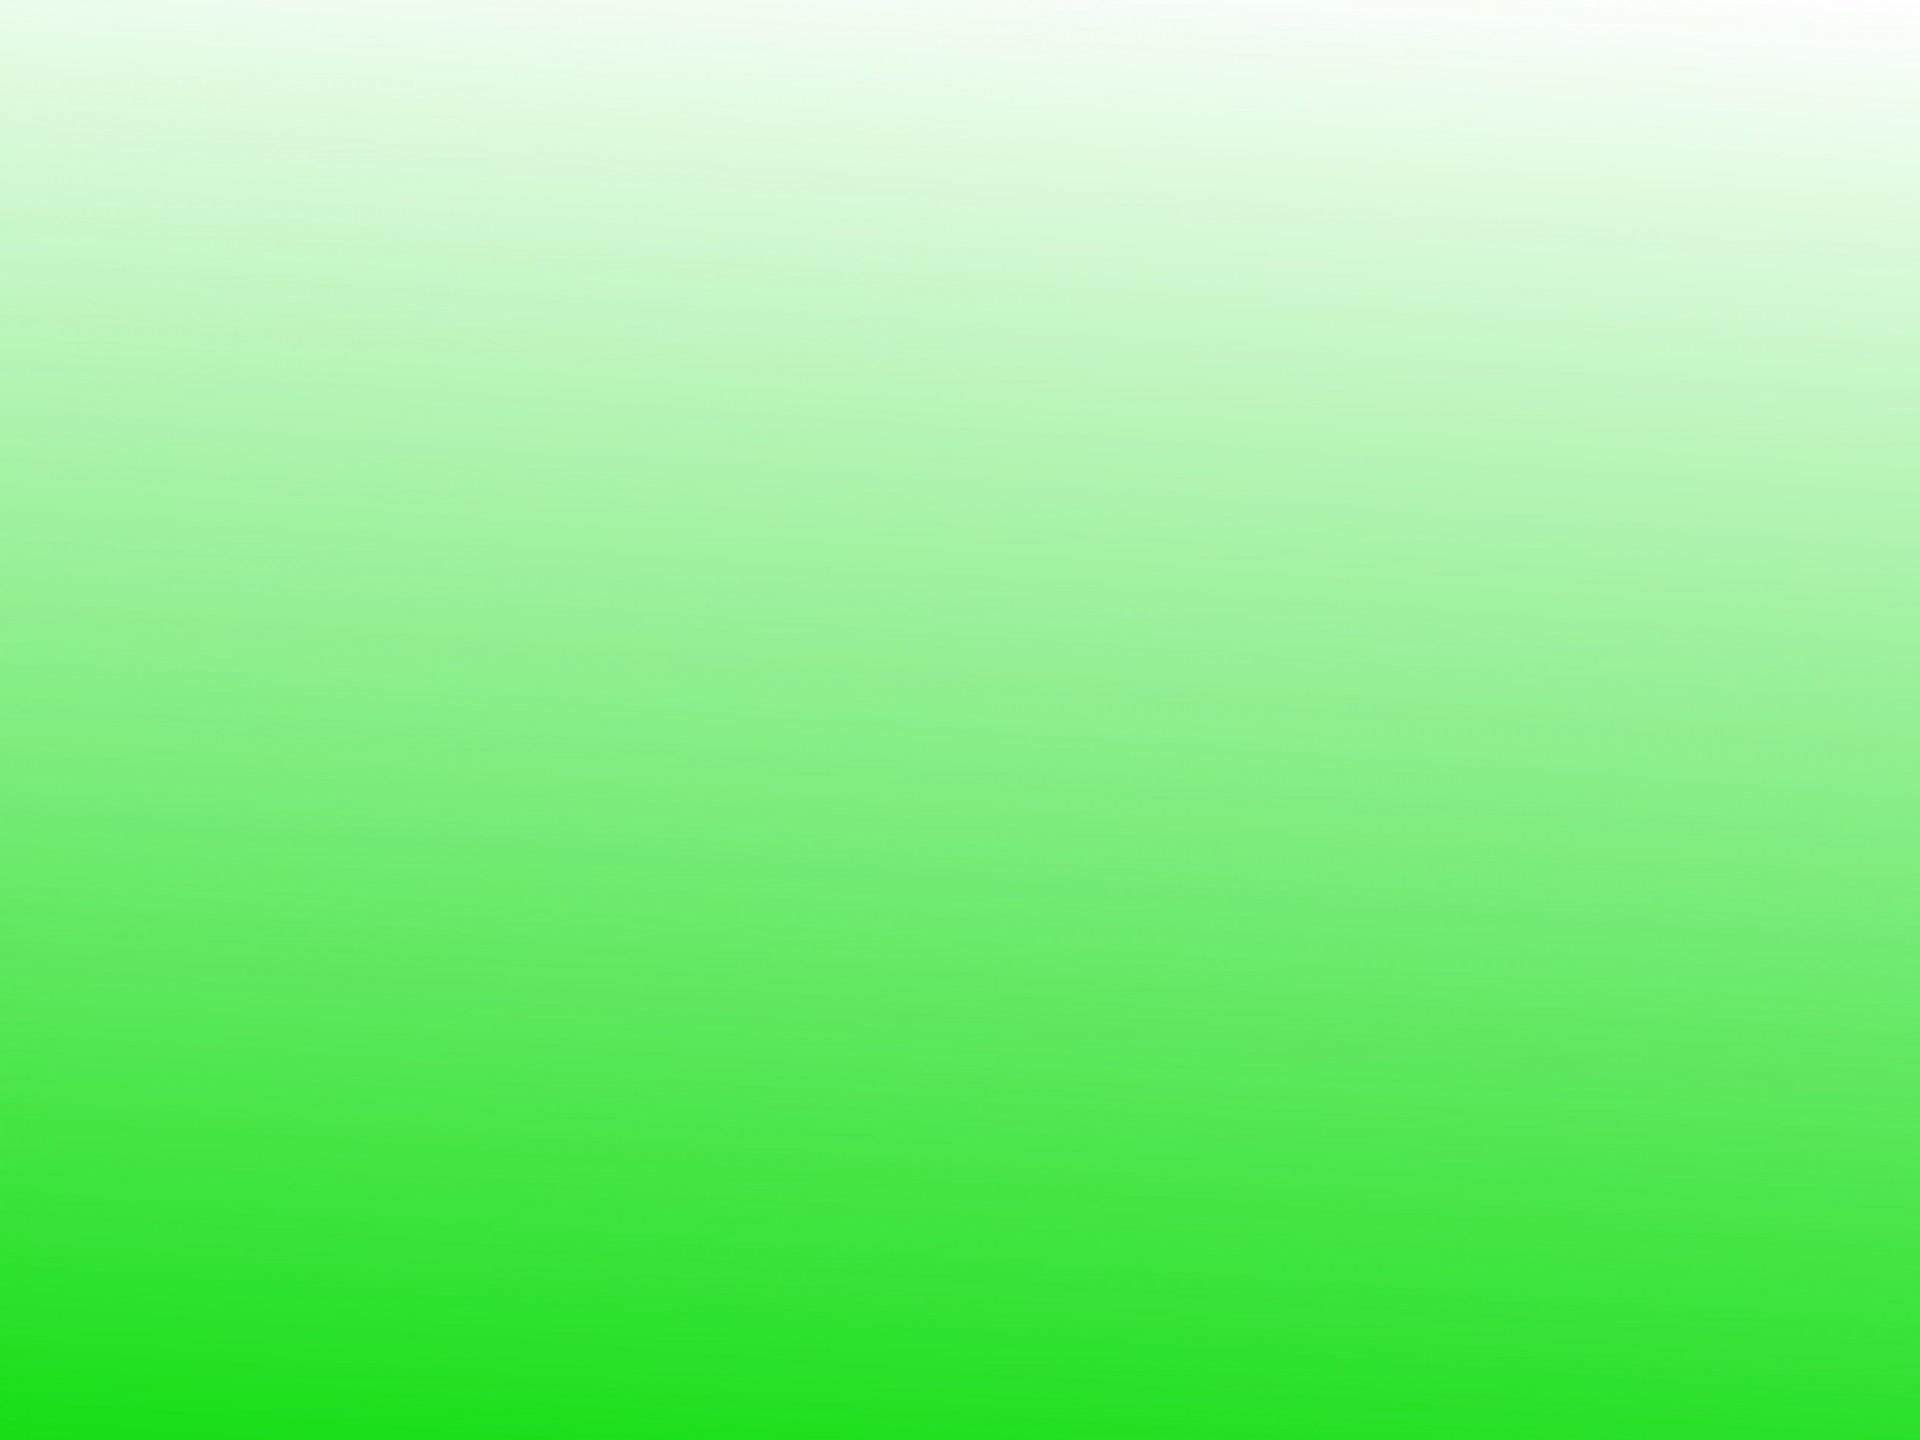 2560x1440 Wallpaper Hd Sfondi Verde Acqua 58 Immagini